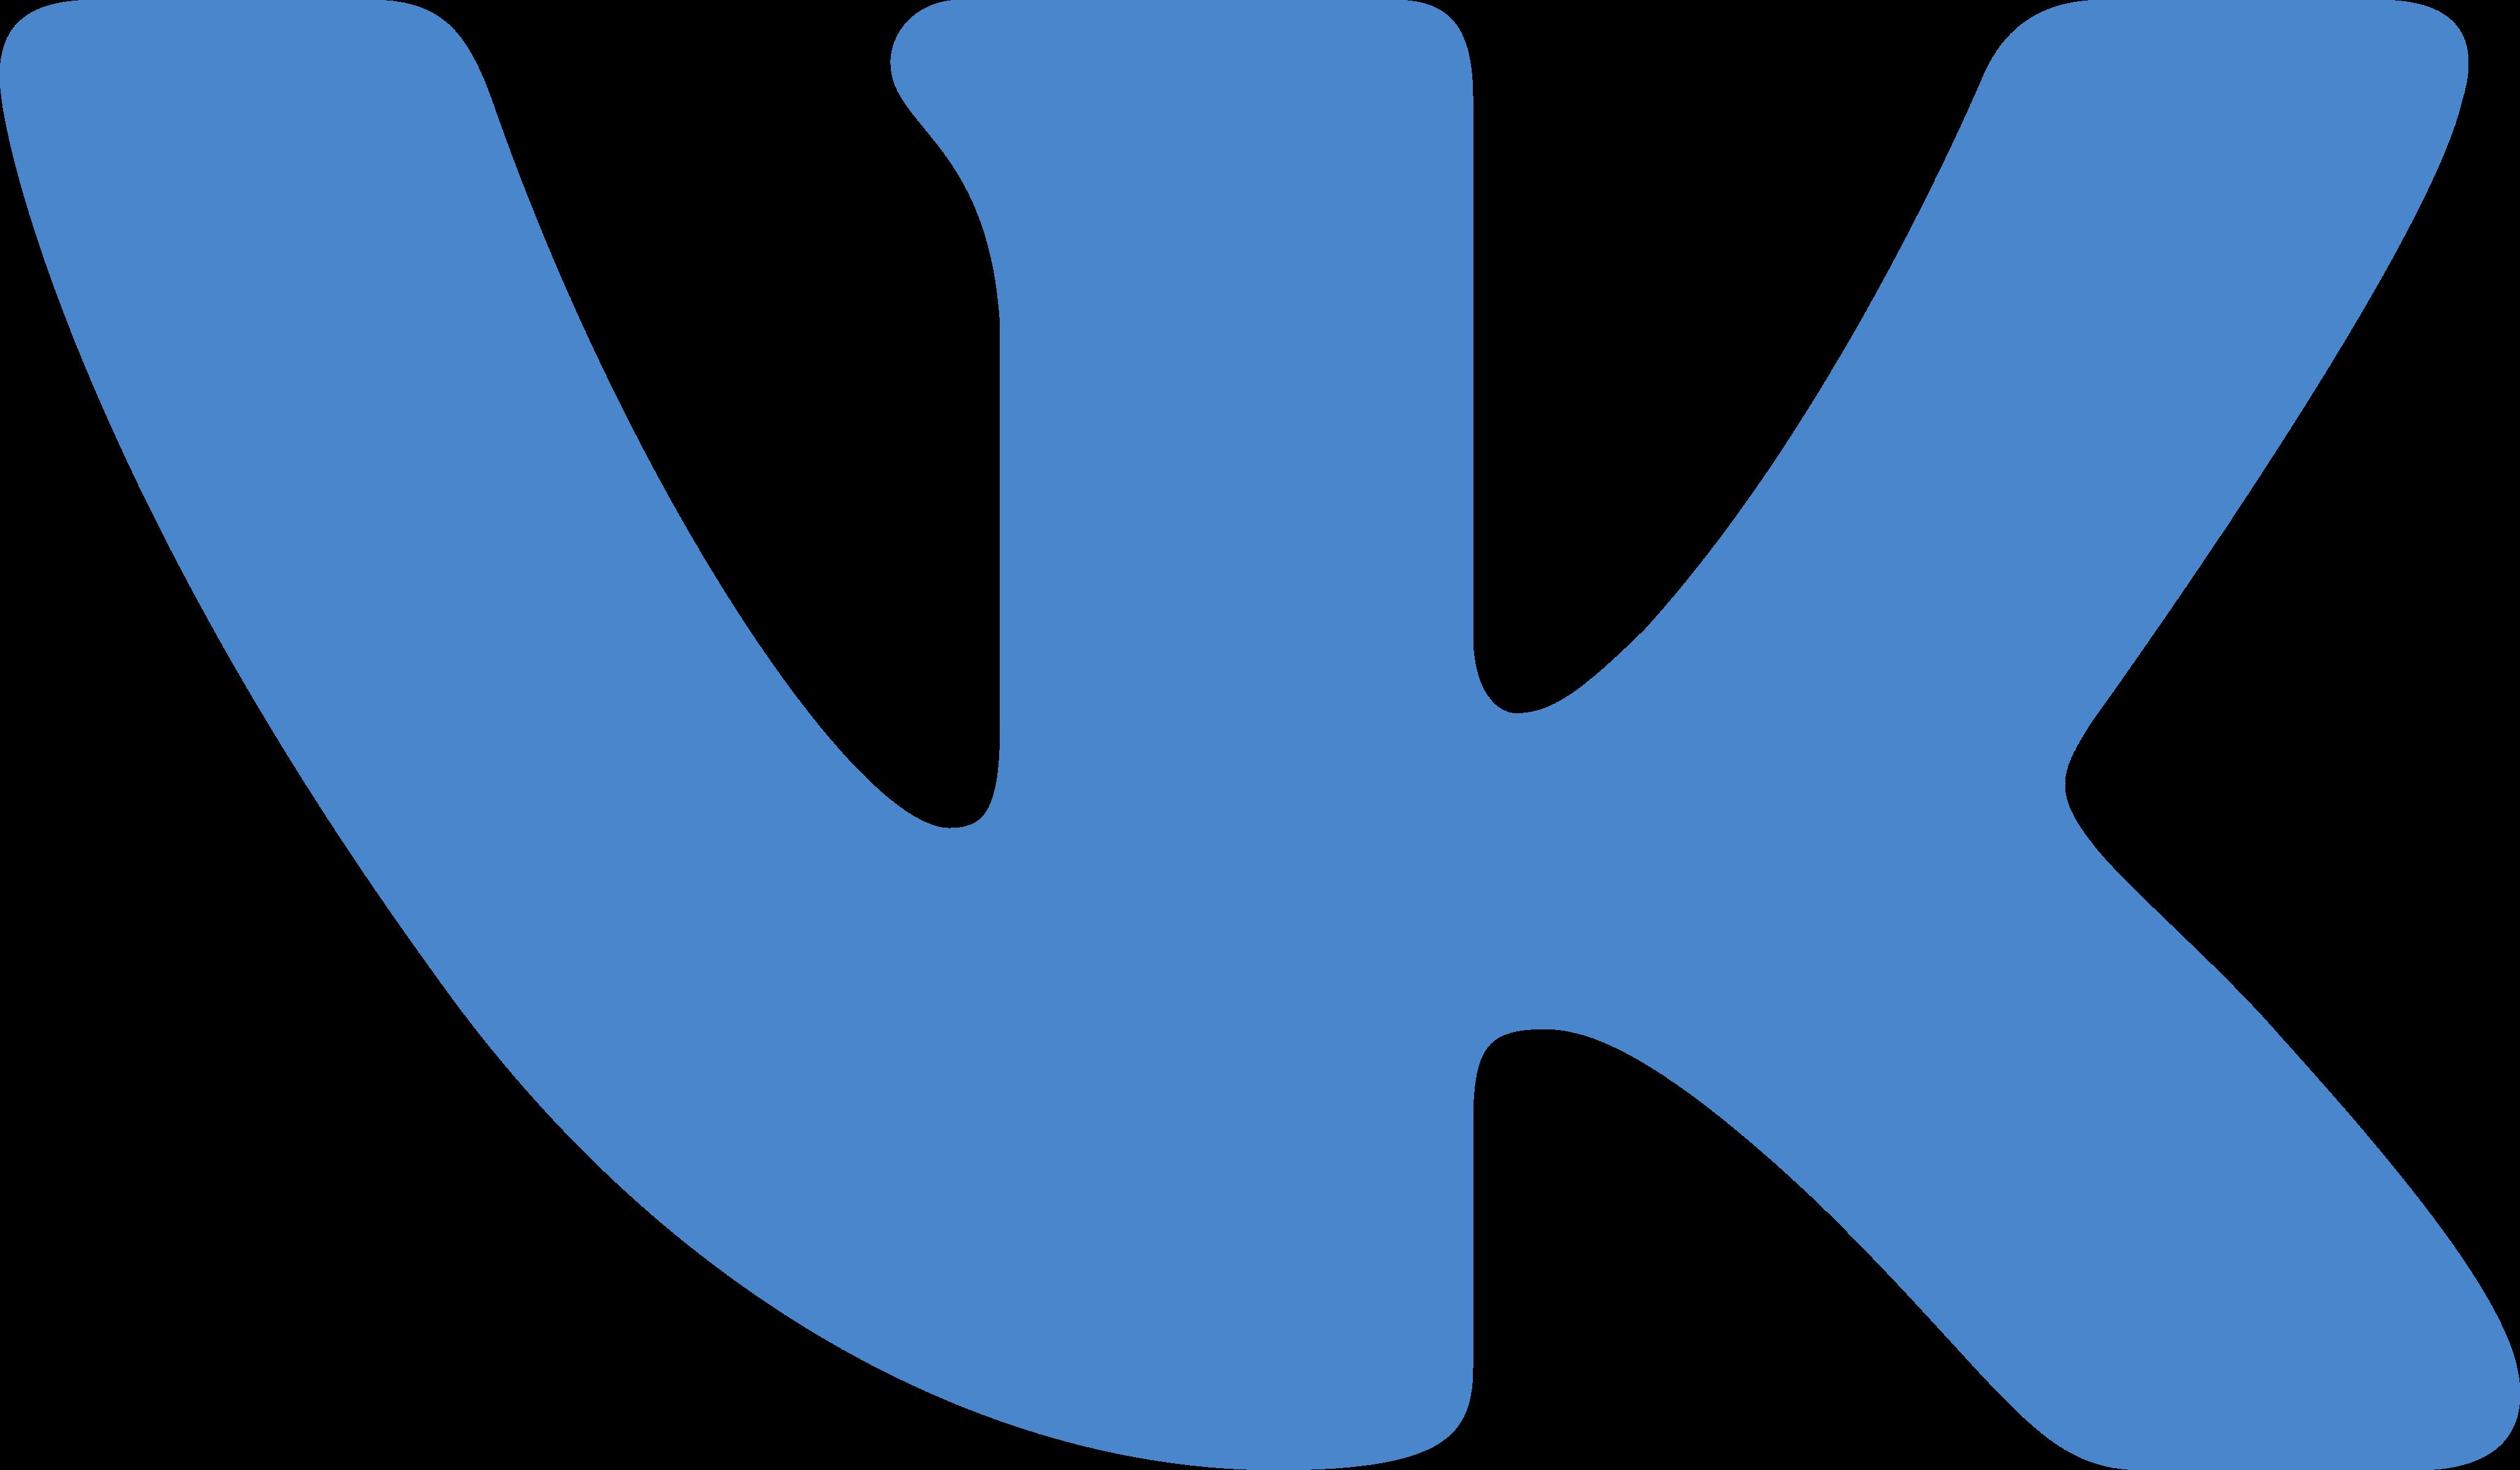 vk logo 1 - VK Logo